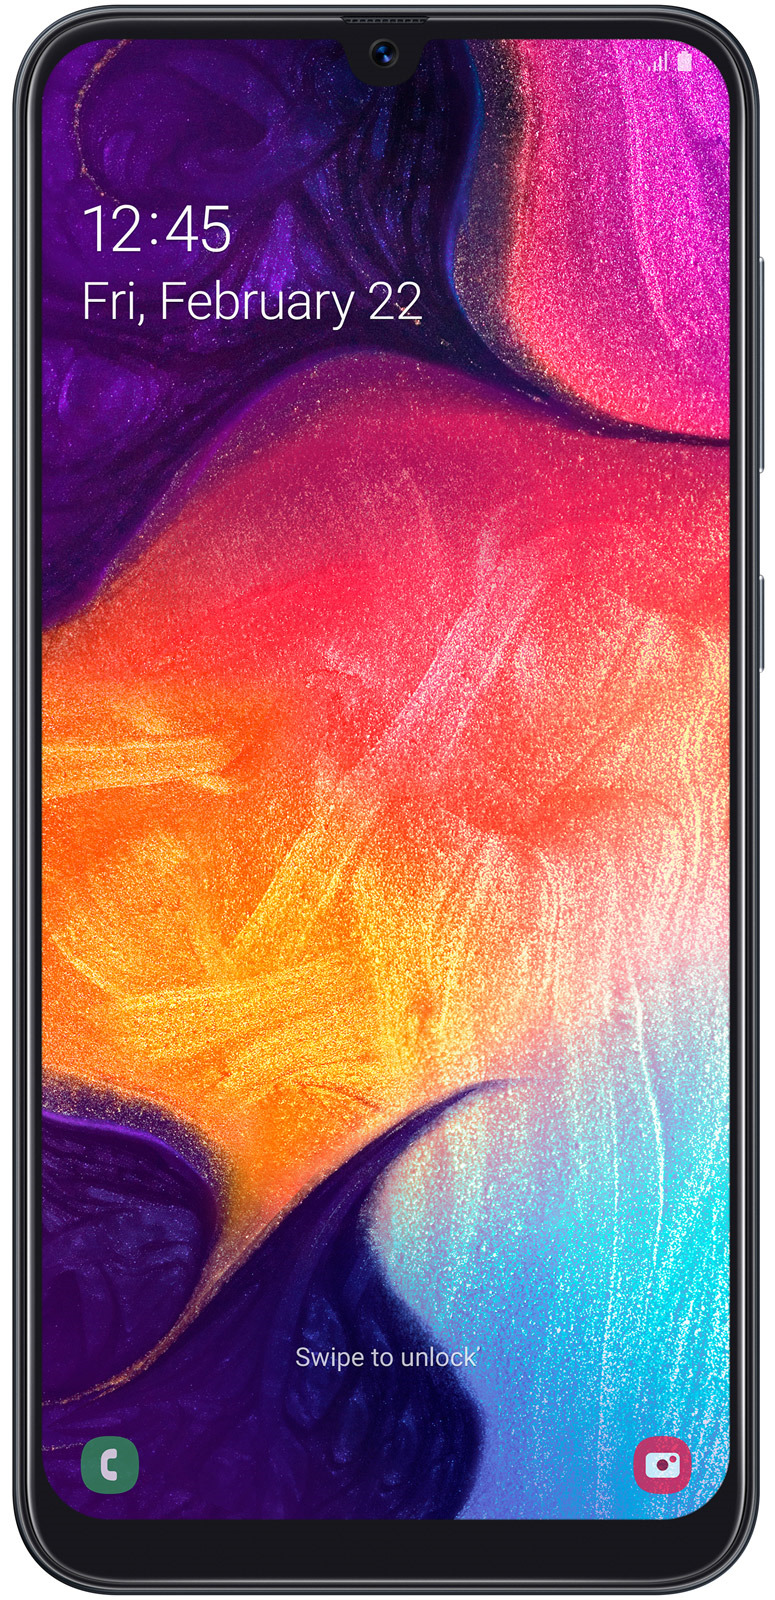 Смартфон Samsung Galaxy A50 4/64GB, черный телефон samsung galaxy a50 4 64gb 2019 черный